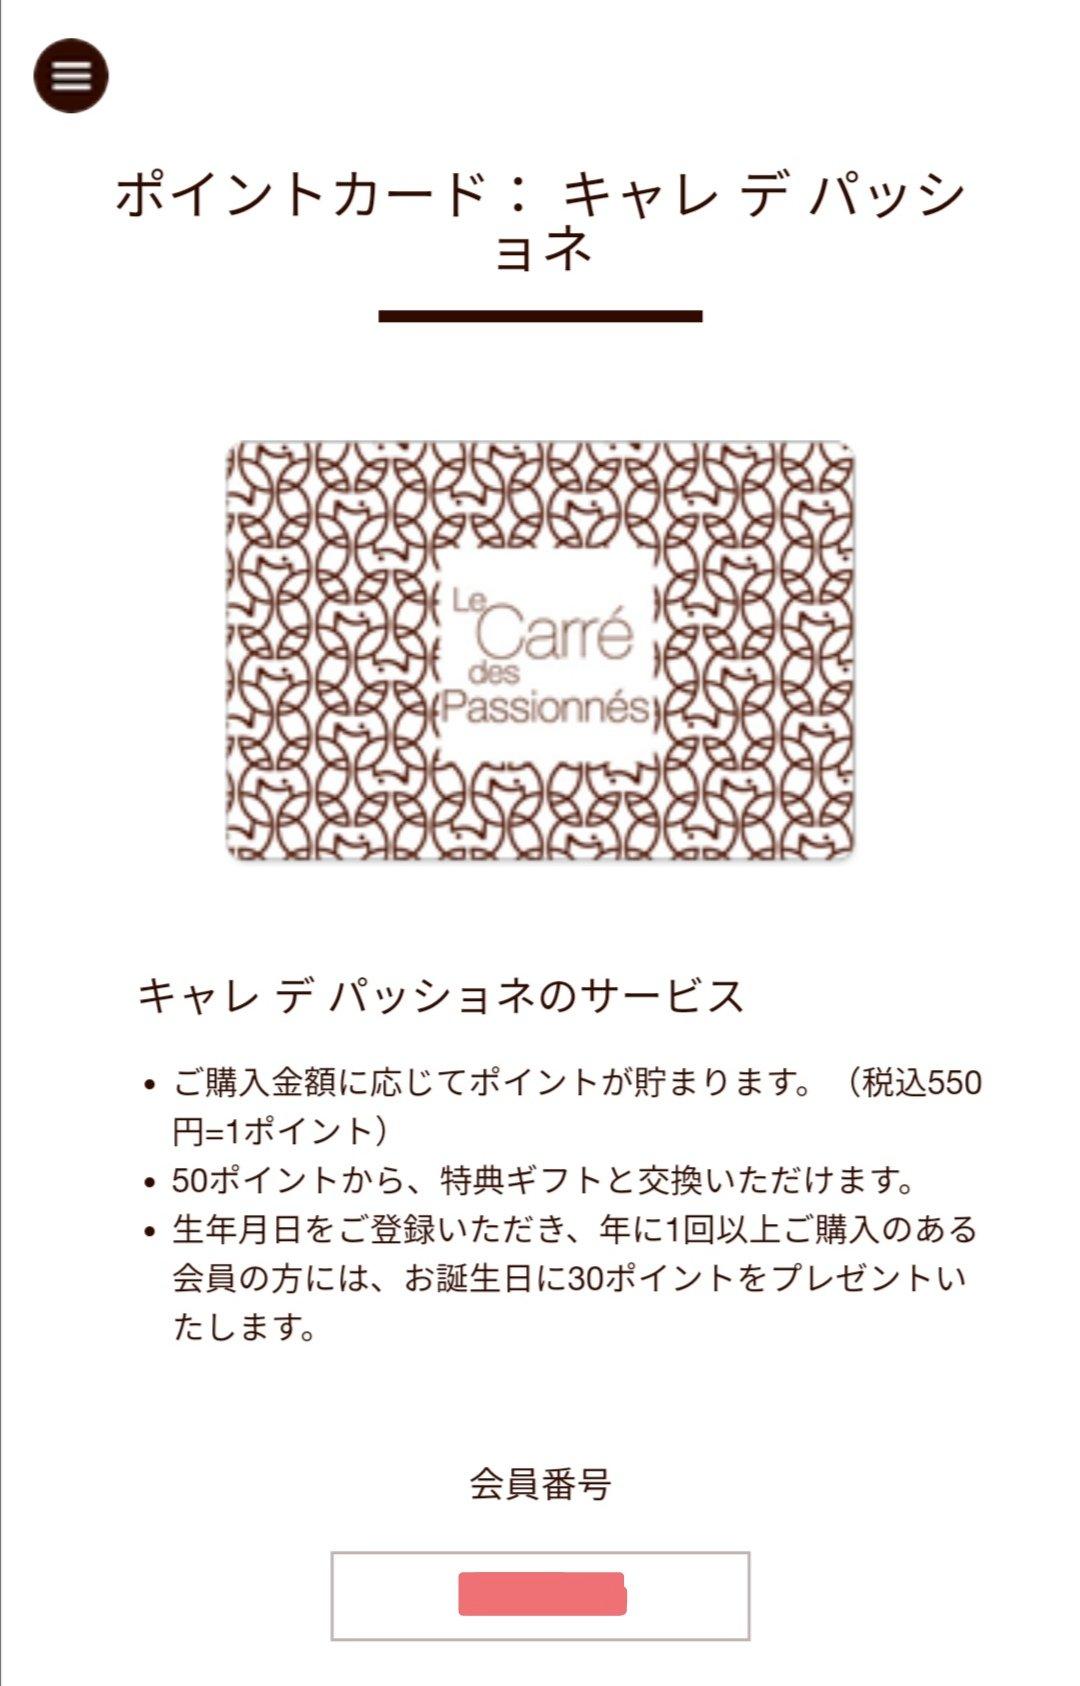 ラ・メゾン・デュ・ショコラ(la maison du chocolat)の新しいポイントカード:キャレデパッショネ